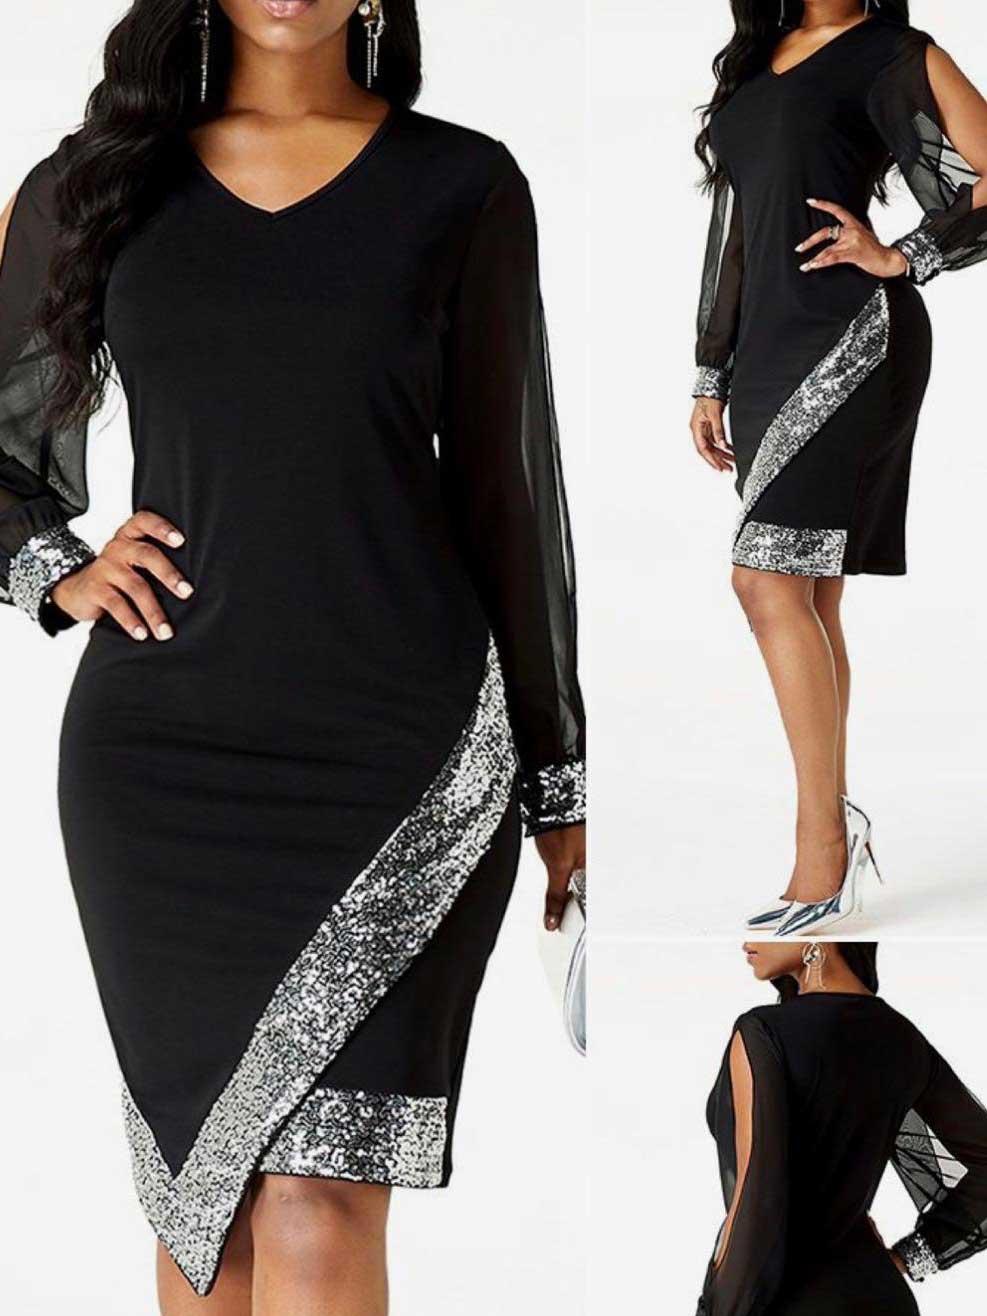 Vestito donna nero e paillette argento nero